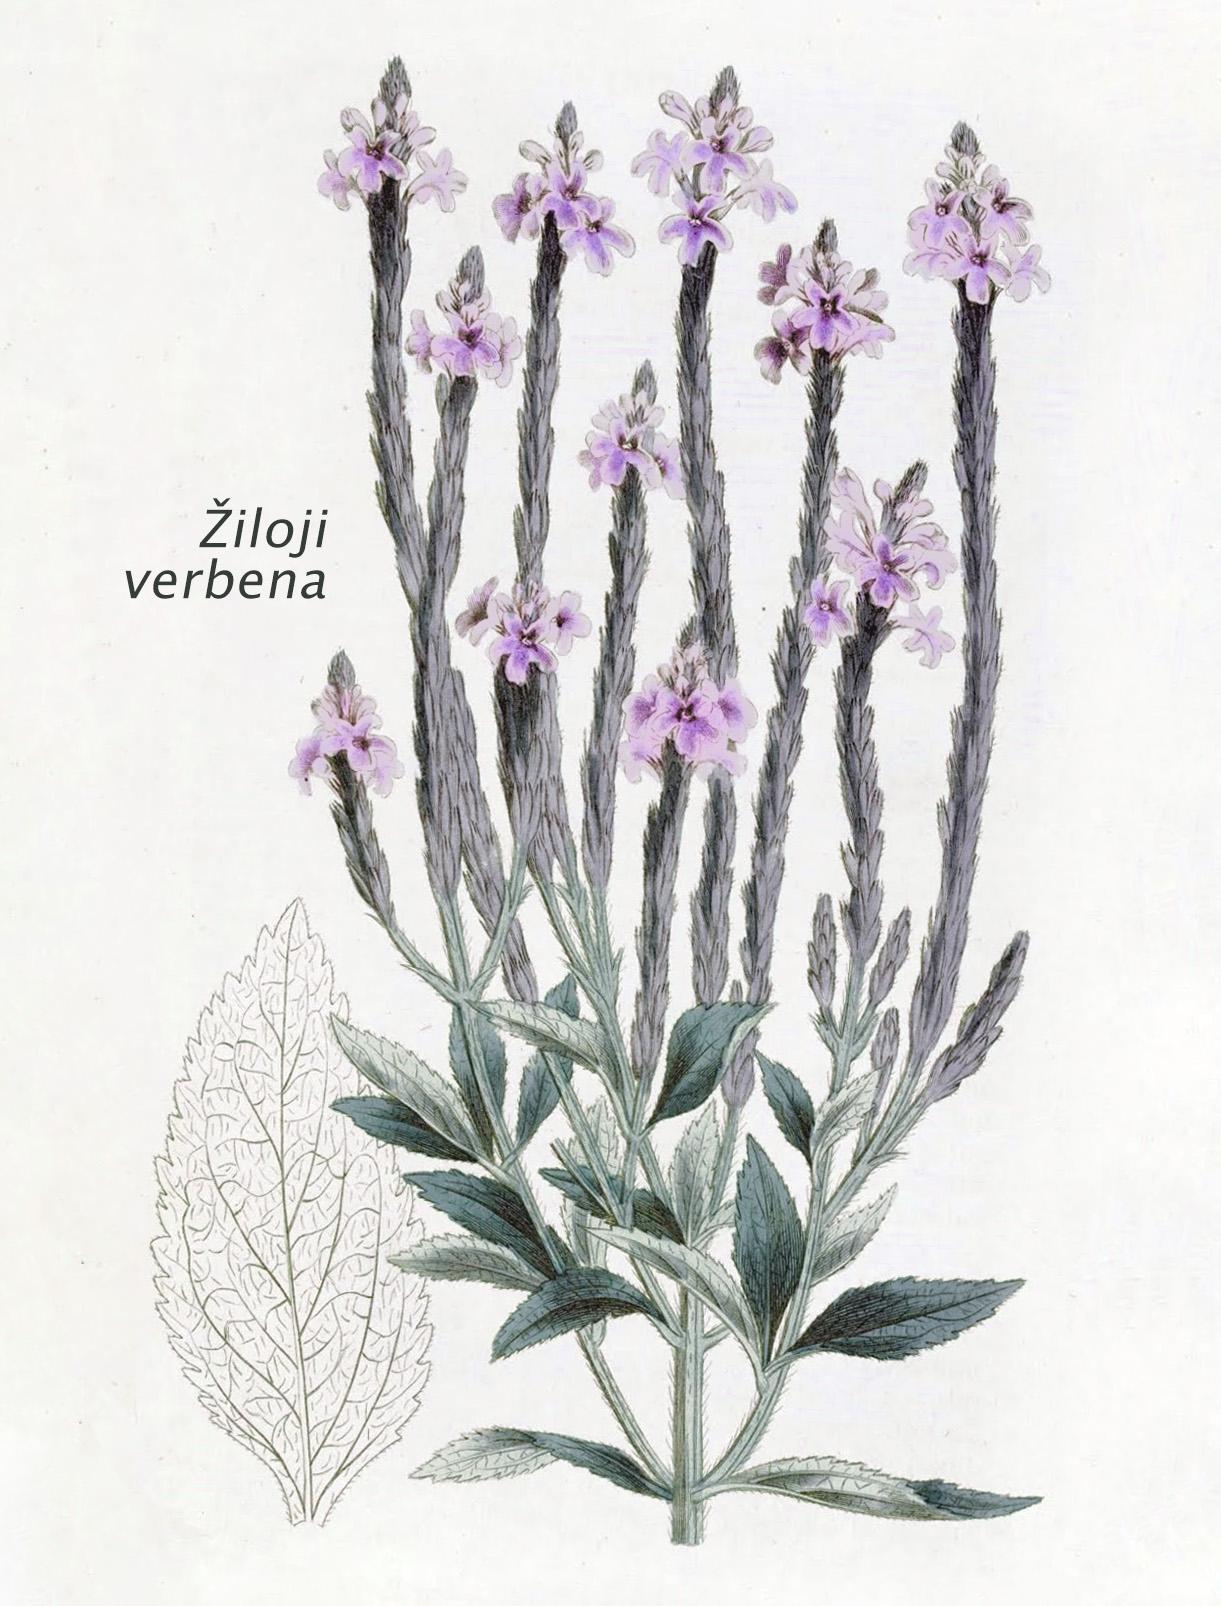 Žiloji verbena botanikoje